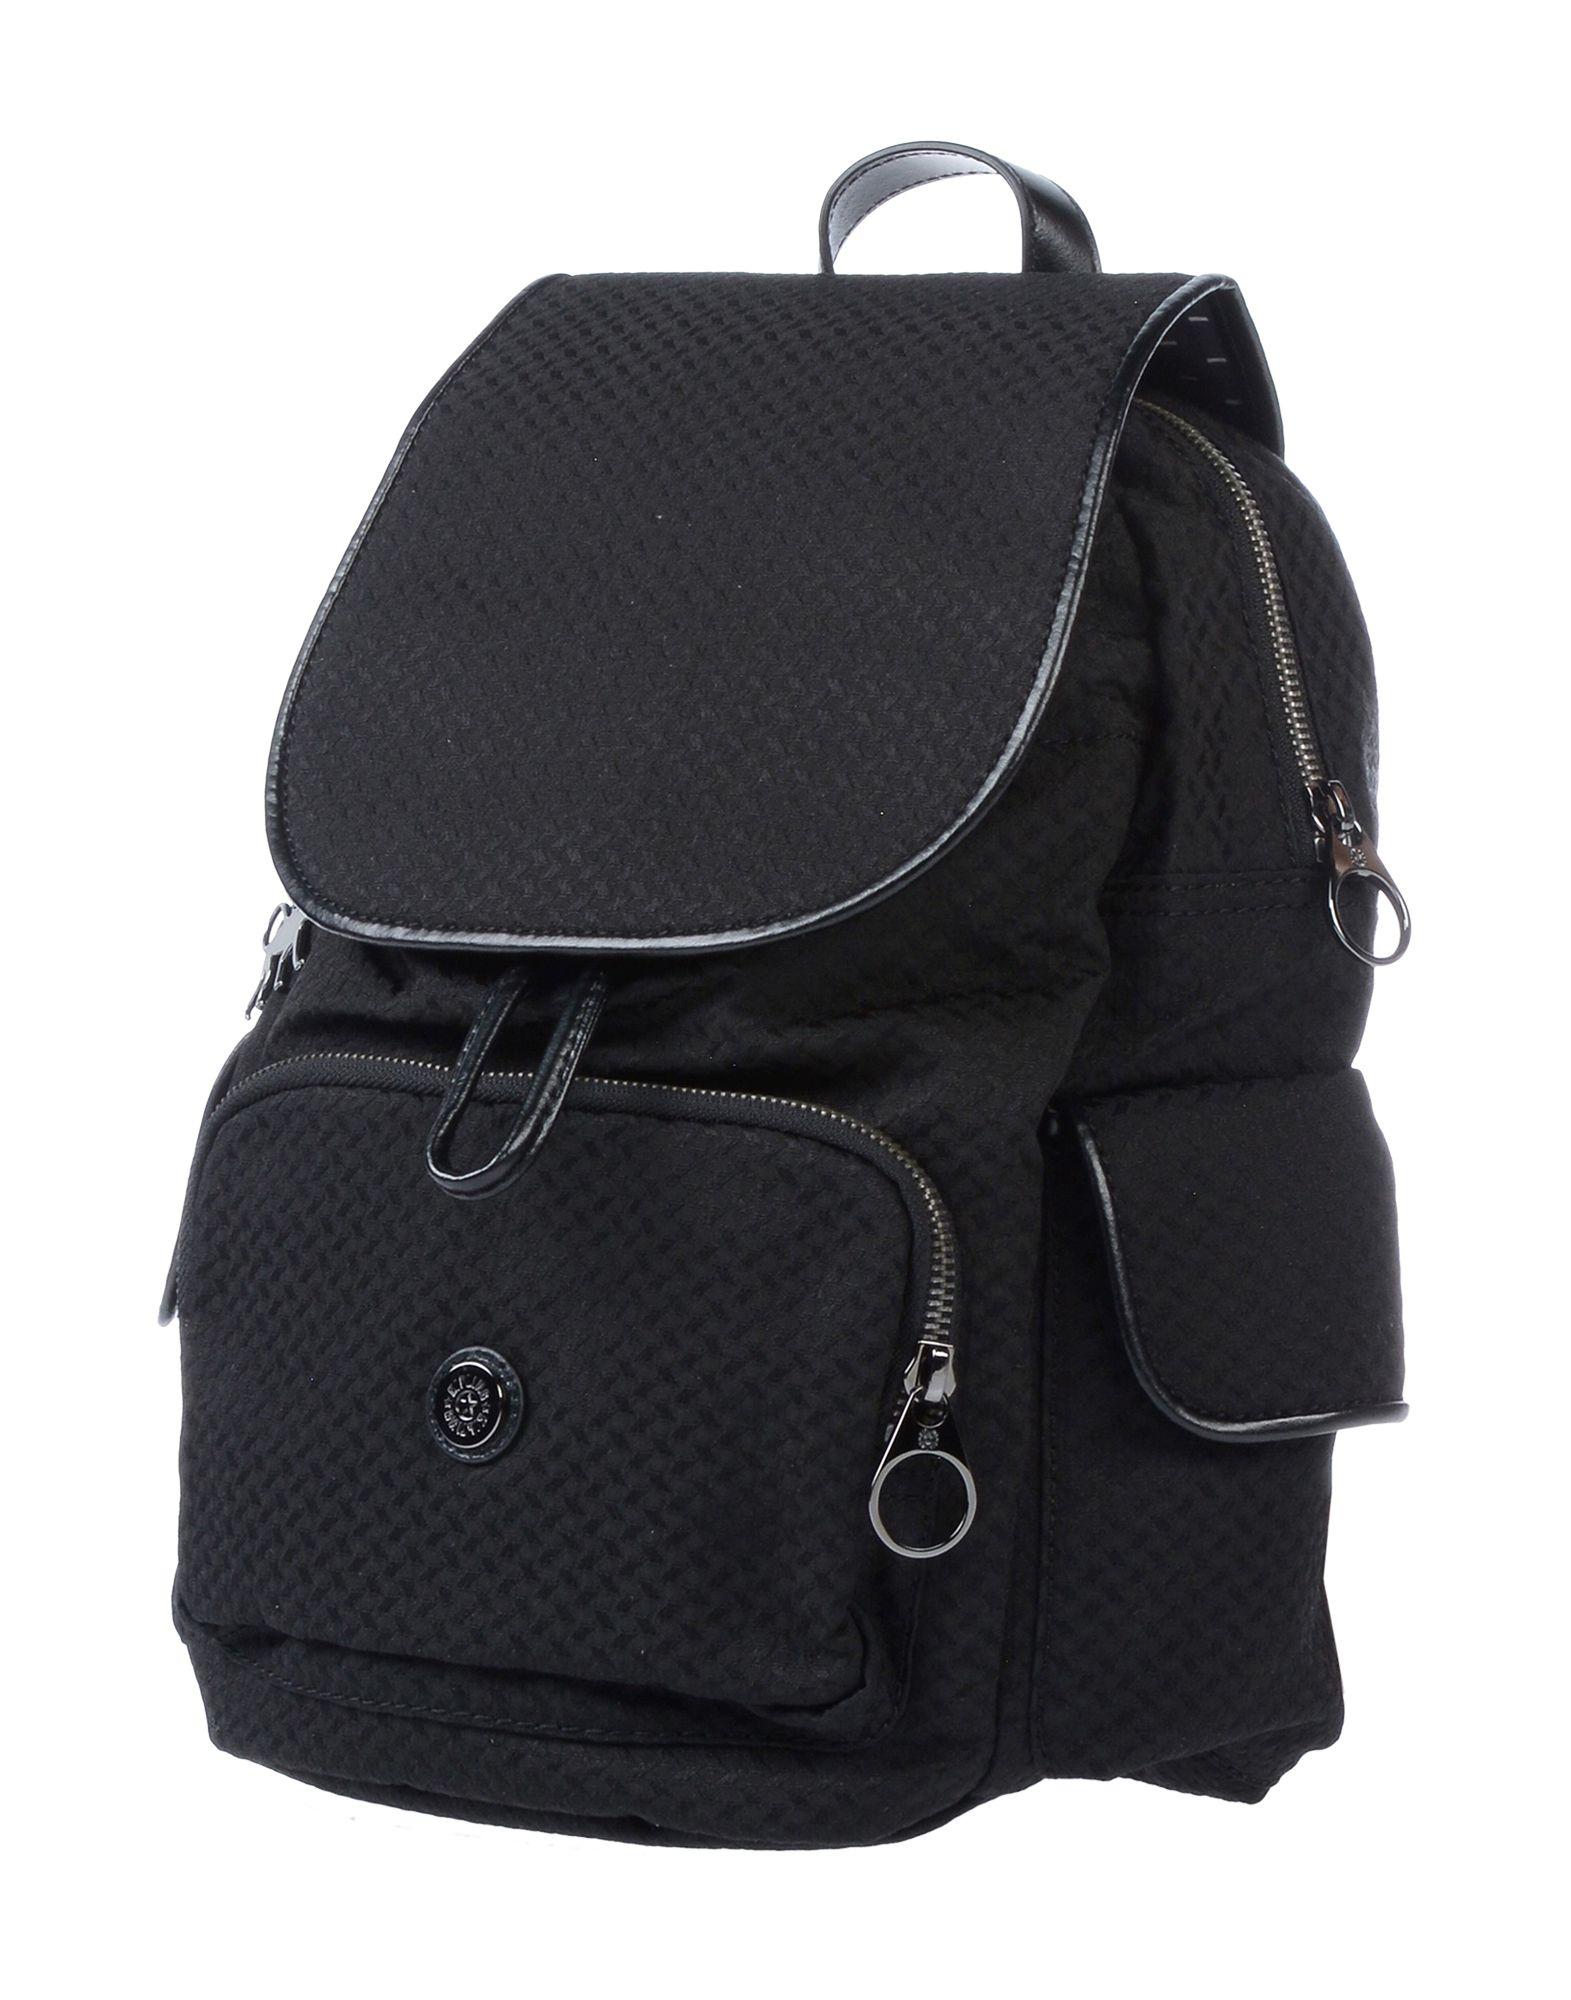 f45ee0d1555b キプリング(Kipling) 黒 デイパック・リュック - 価格.com